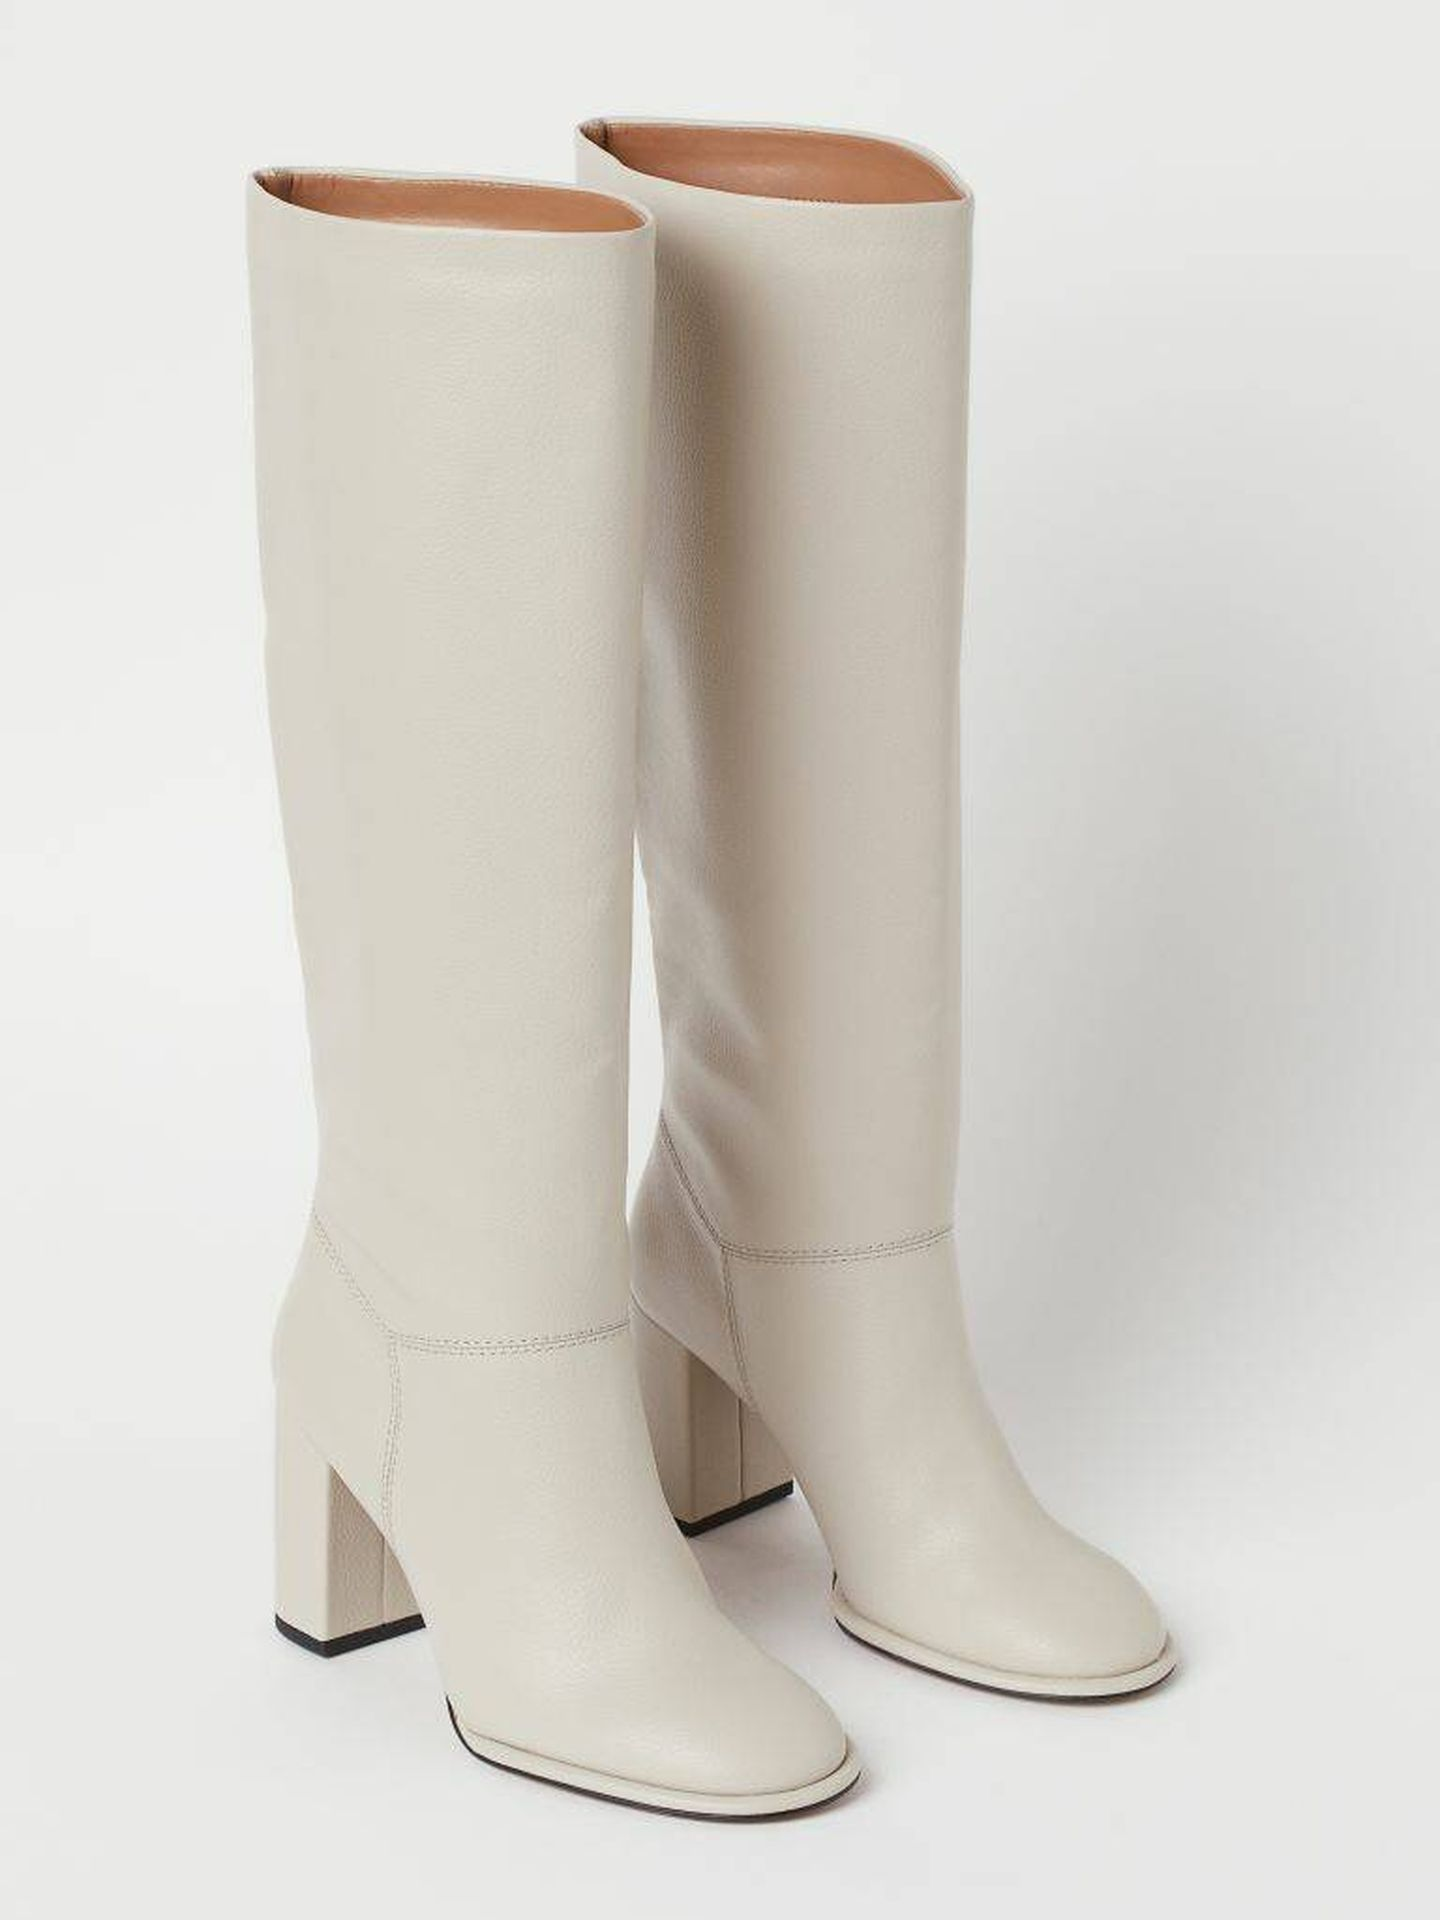 Las botas altas de HyM. (Cortesía)